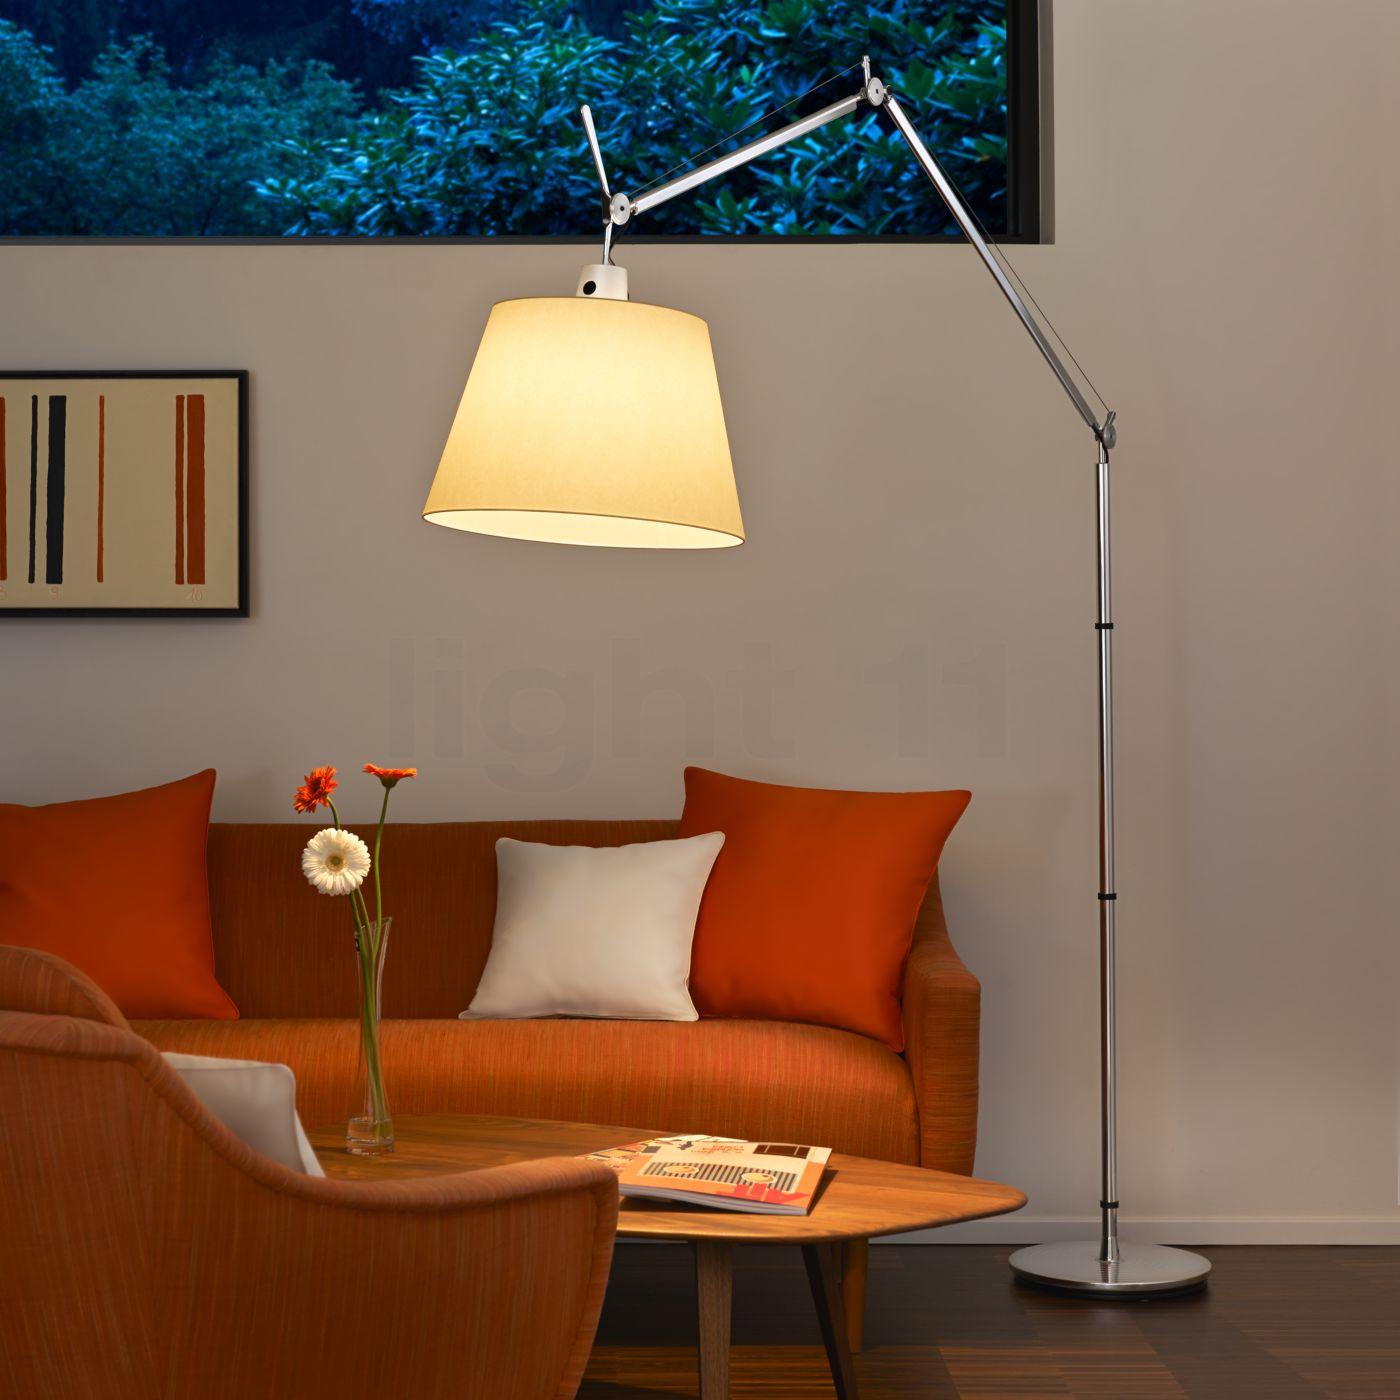 artemide lampenkap artemide choose hanglamp with artemide. Black Bedroom Furniture Sets. Home Design Ideas